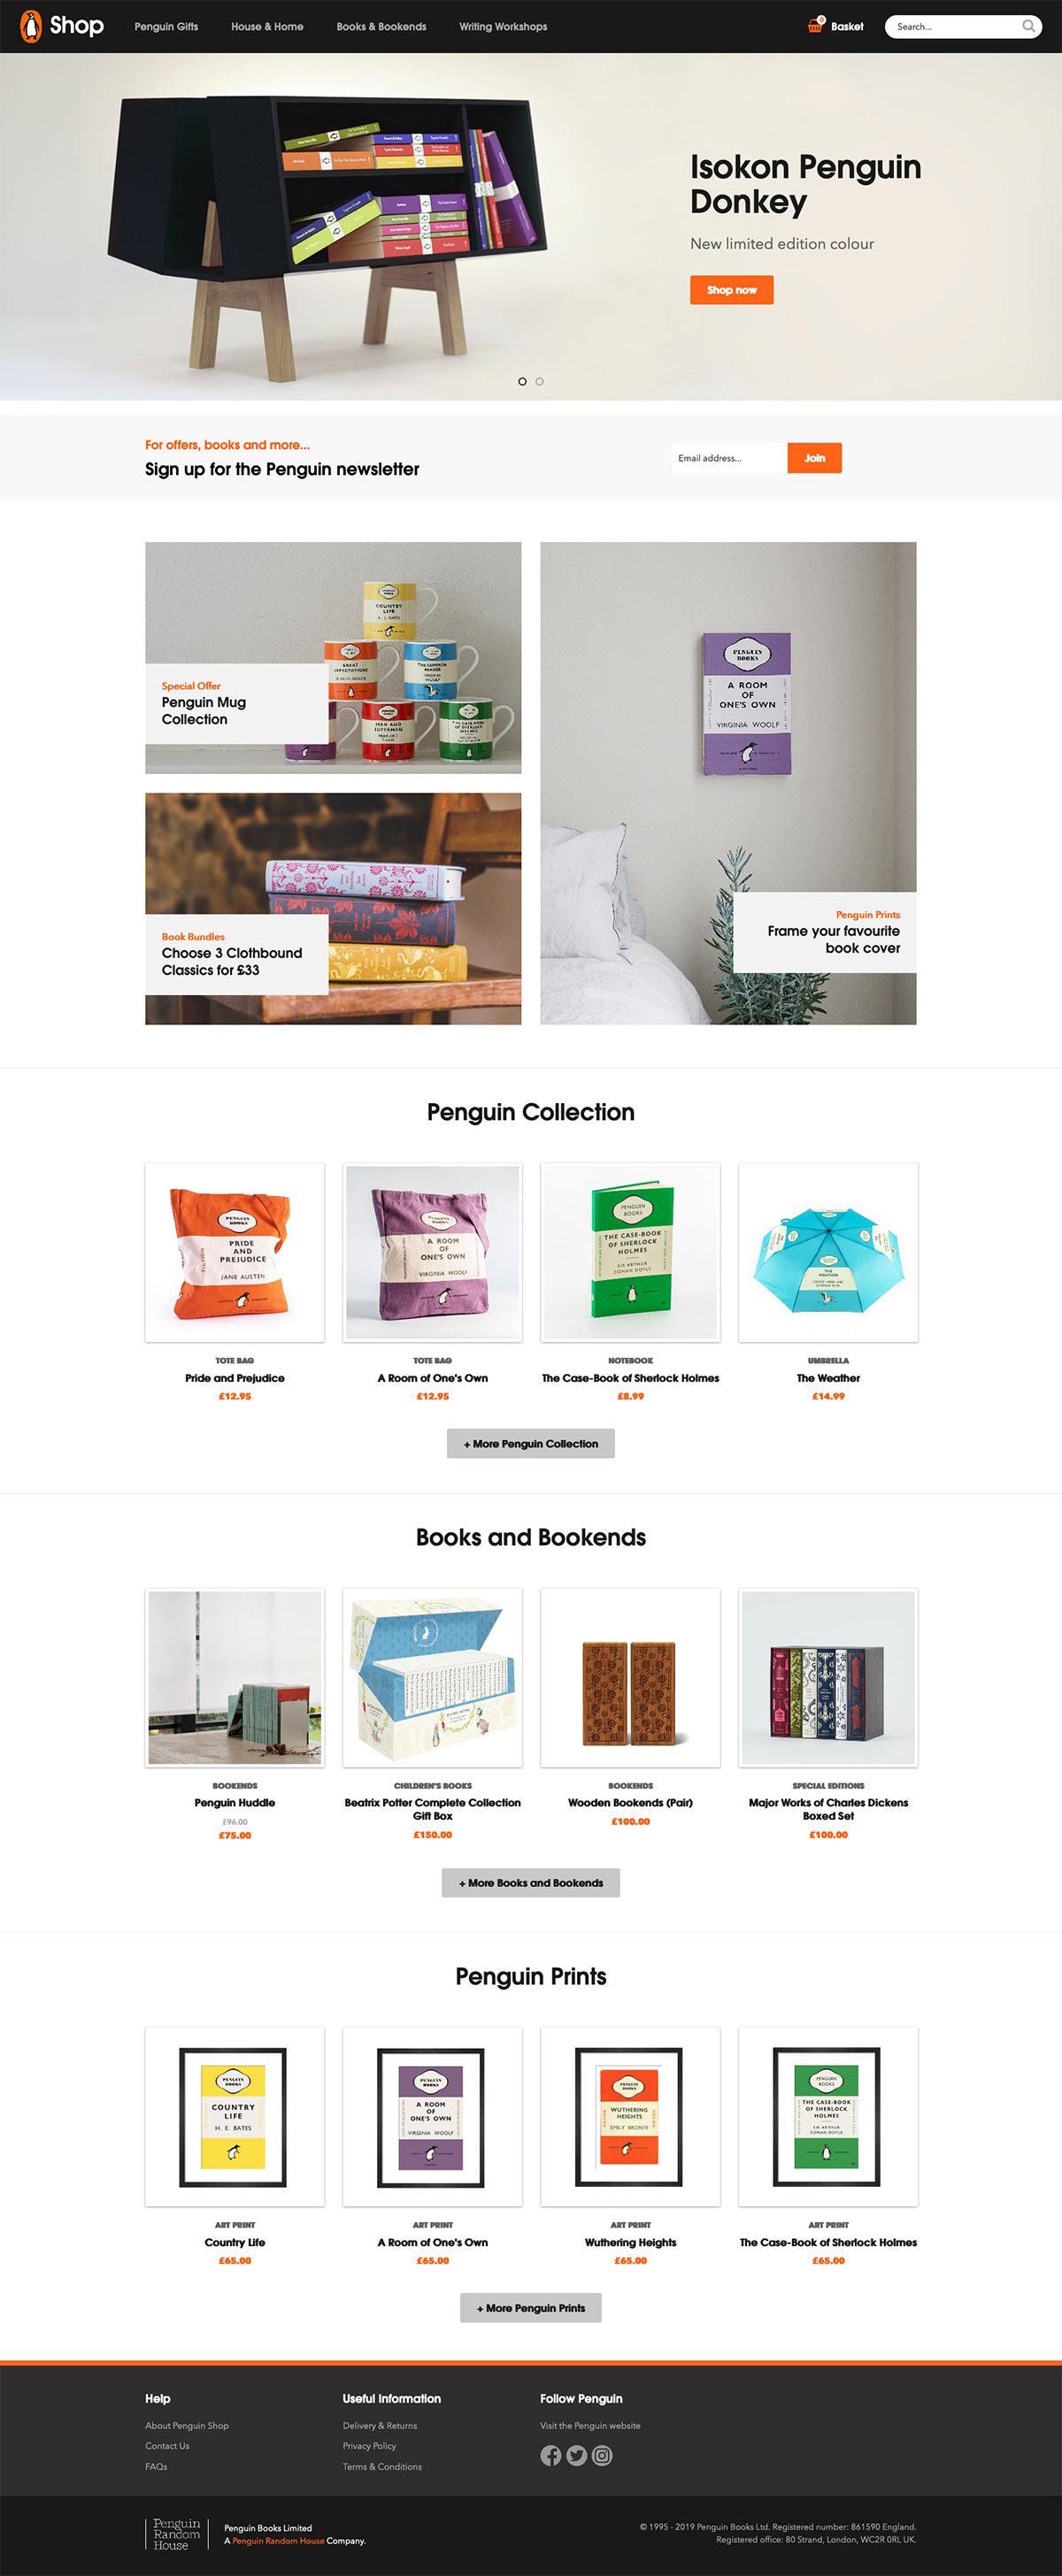 eCommerce website: Penguin Books